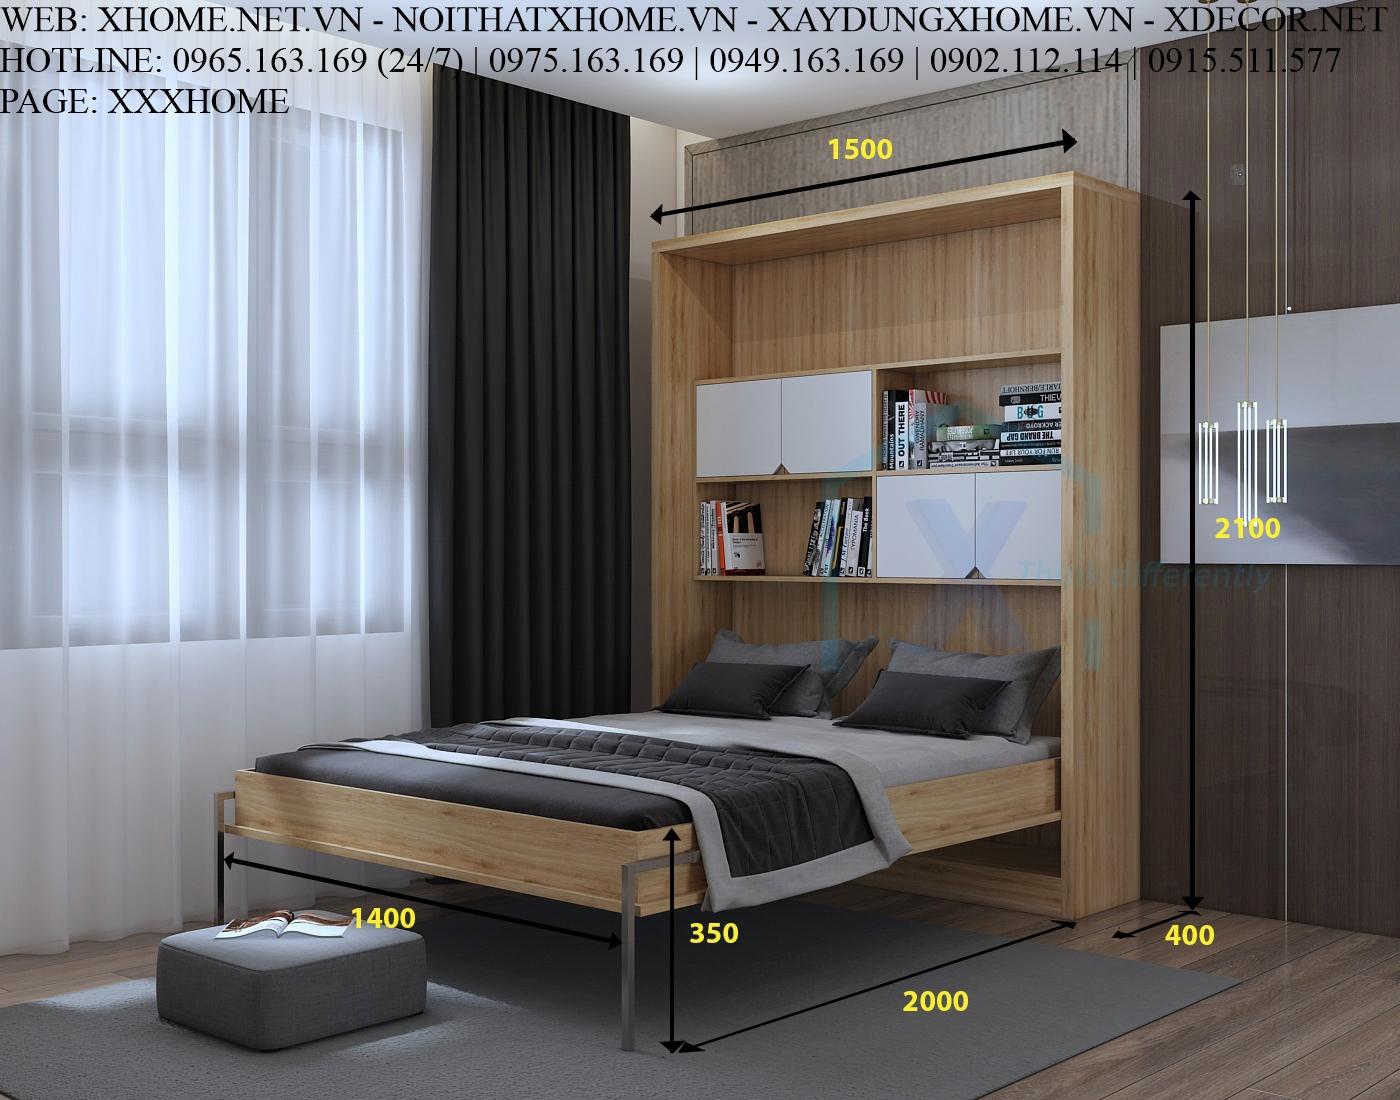 GIƯỜNG GẤP THÔNG MINH X HOME Hà Nội Sài Gòn XHOME1109